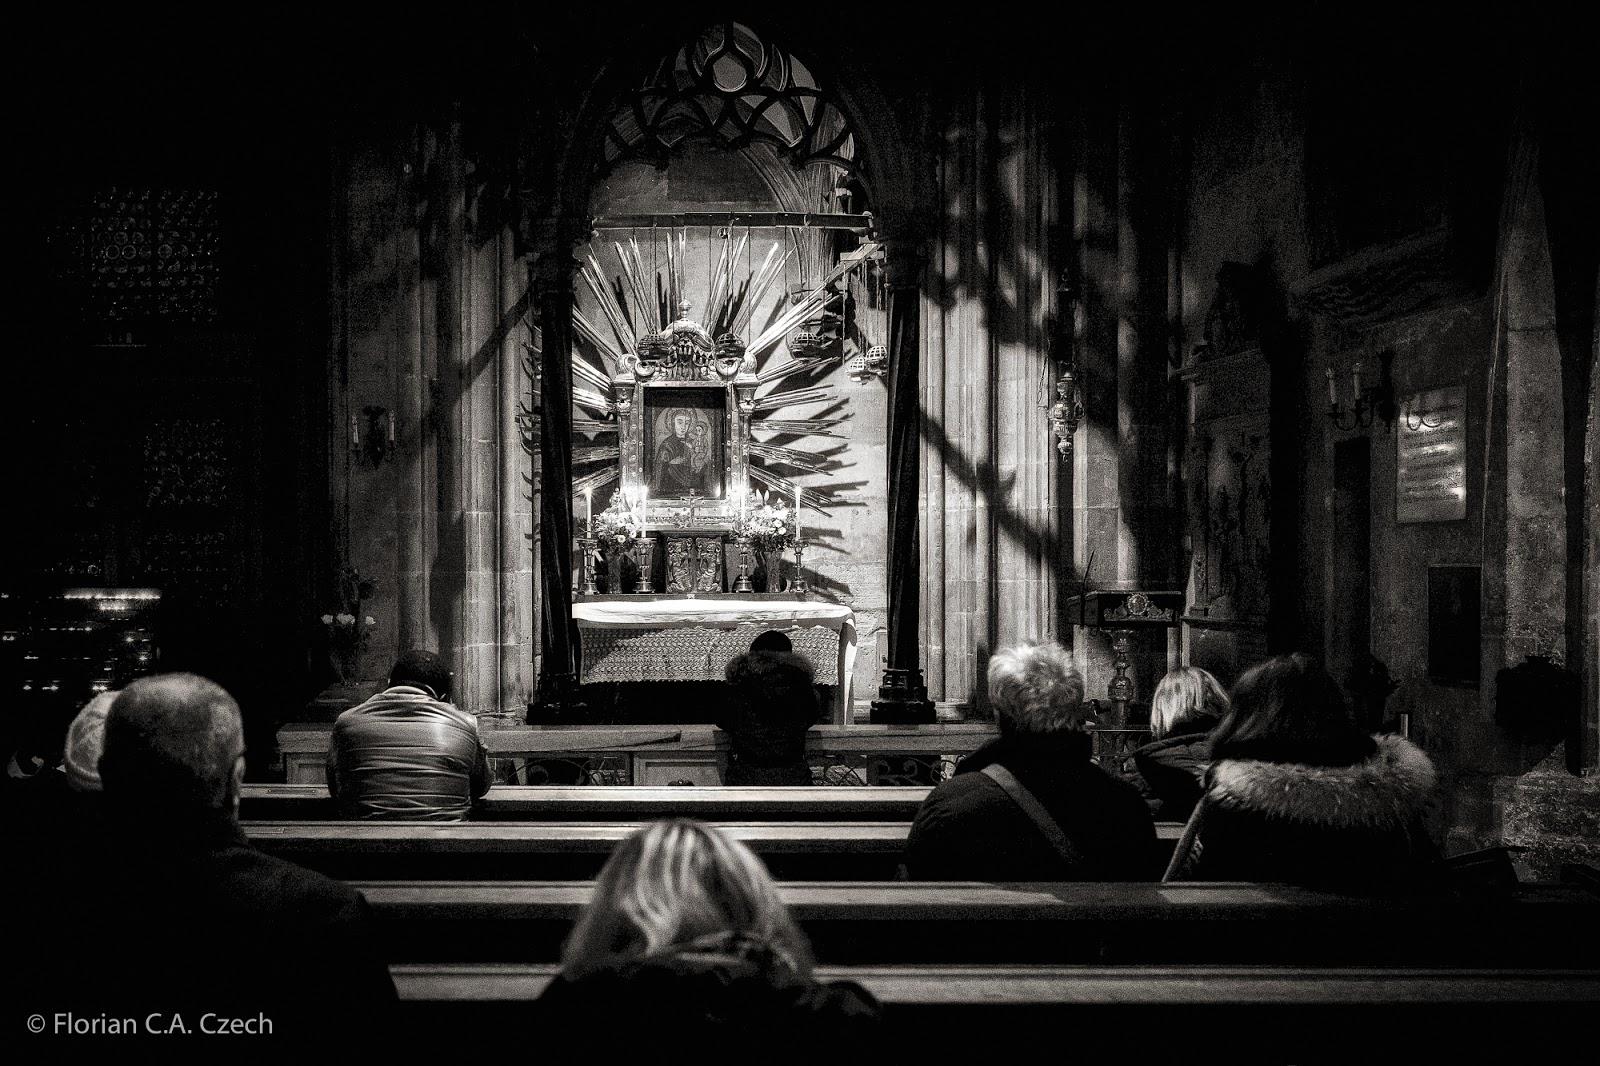 Altar in der Kirche schwarz weiss